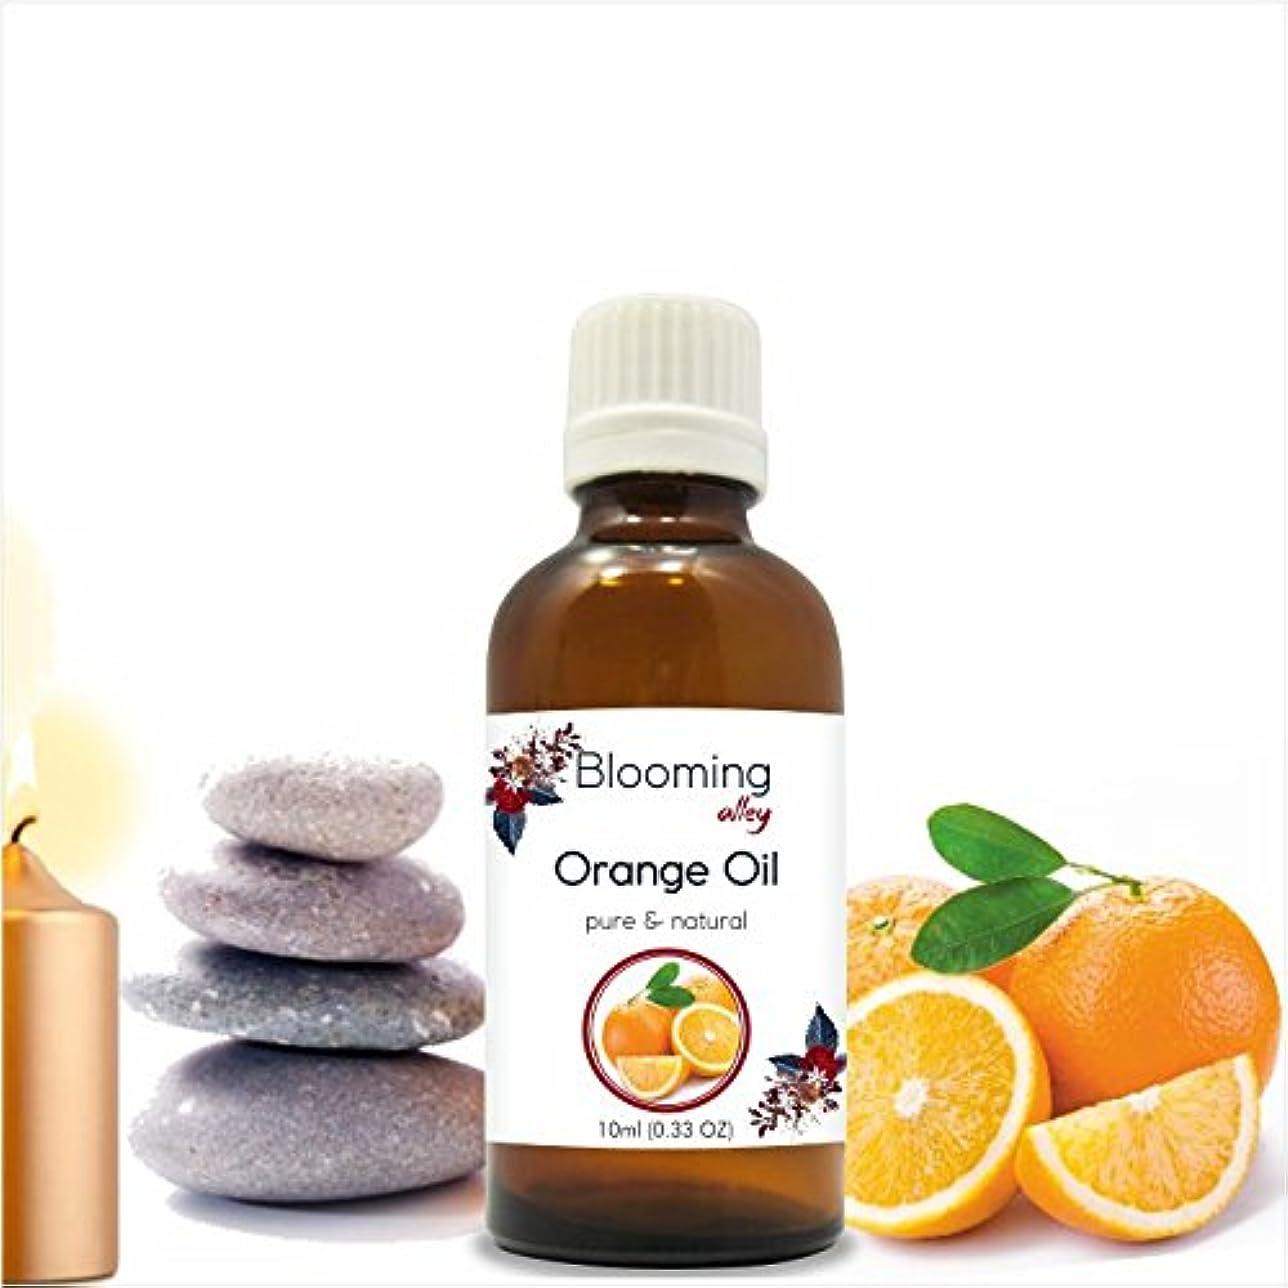 去るベジタリアン影響力のあるOrange Oil (Citrus Aurantium) Essential Oil 10 ml or 0.33 Fl Oz by Blooming Alley